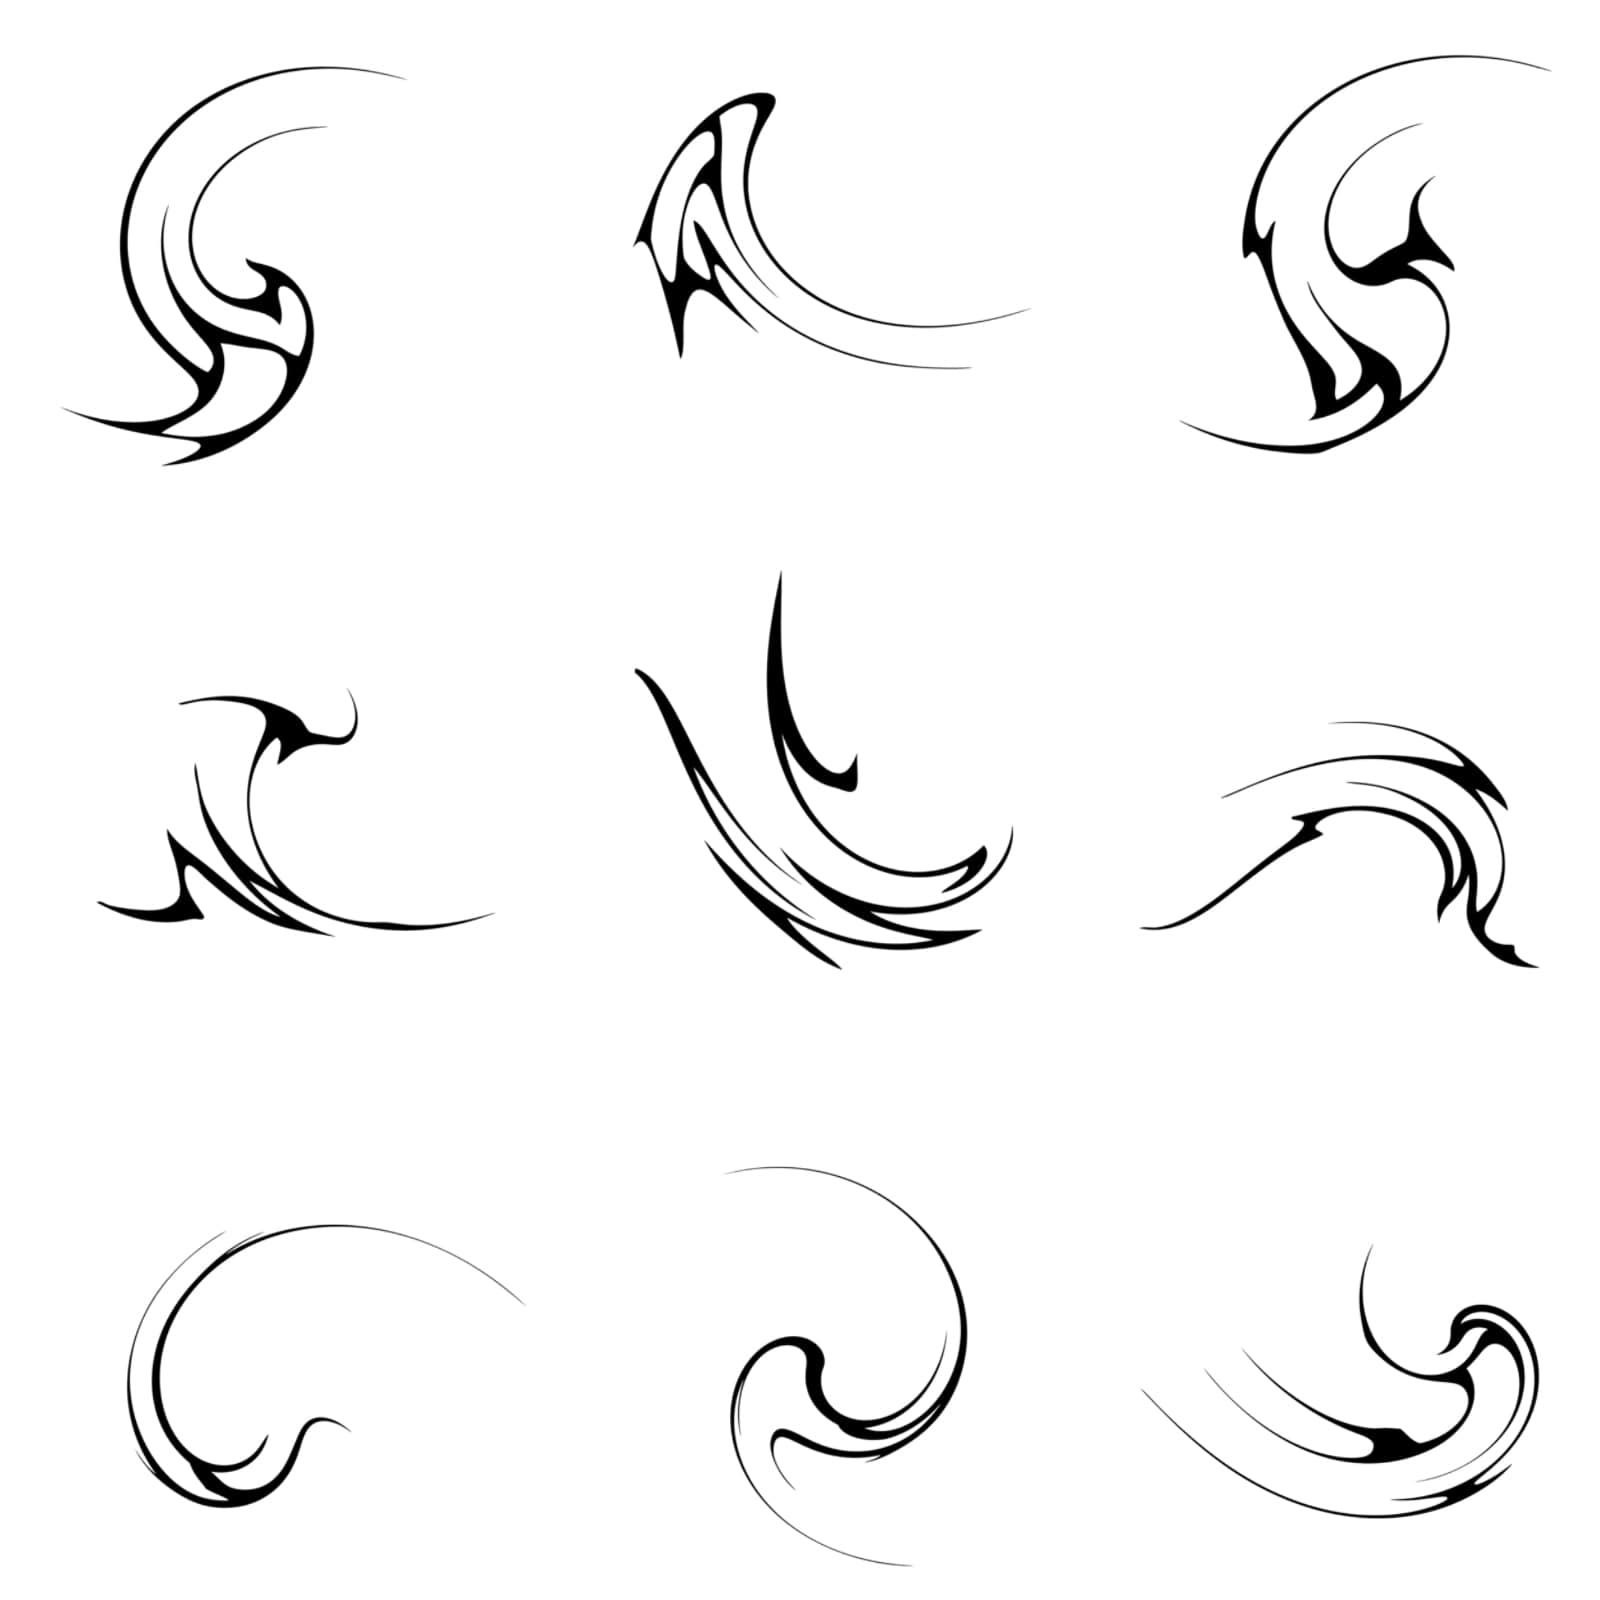 一组螺旋扭曲线条图案PS笔刷下载